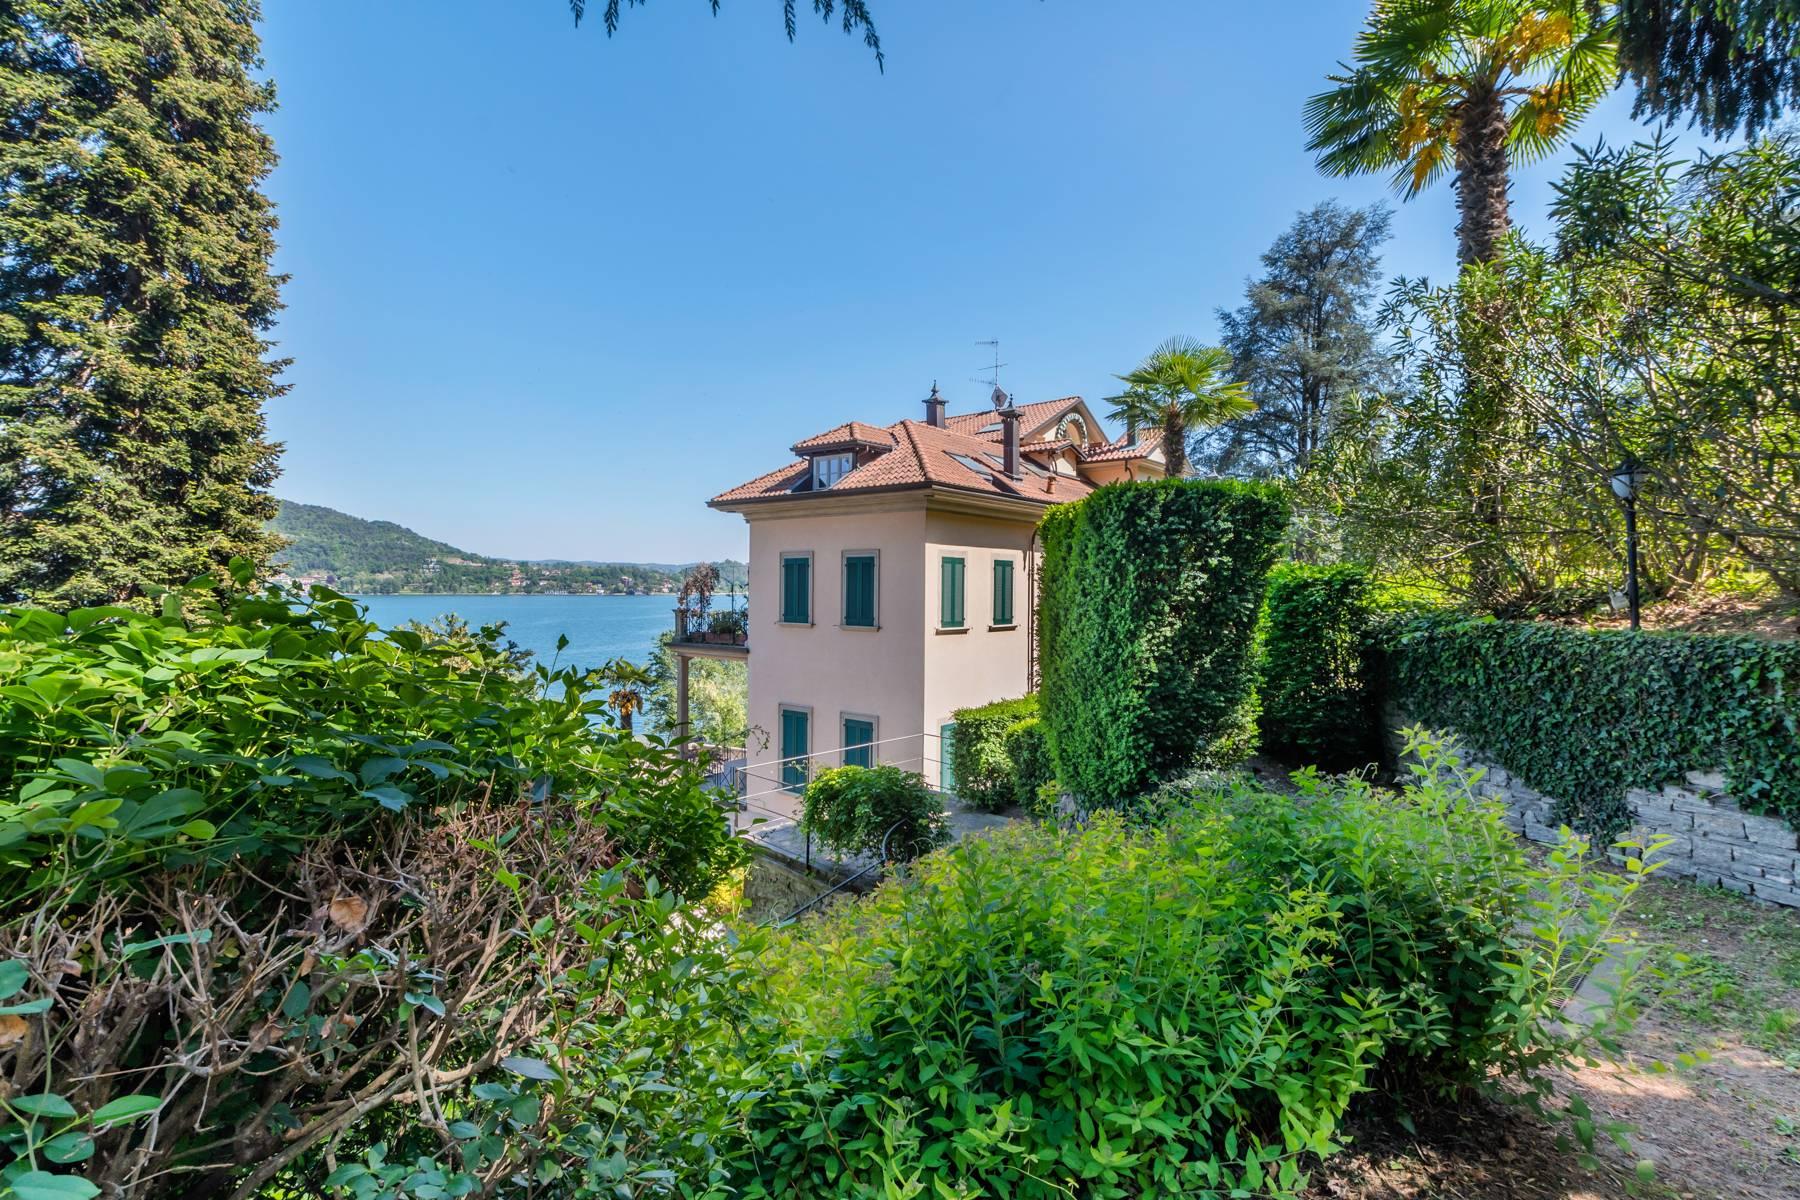 Villa in Vendita a Meina: 5 locali, 250 mq - Foto 5